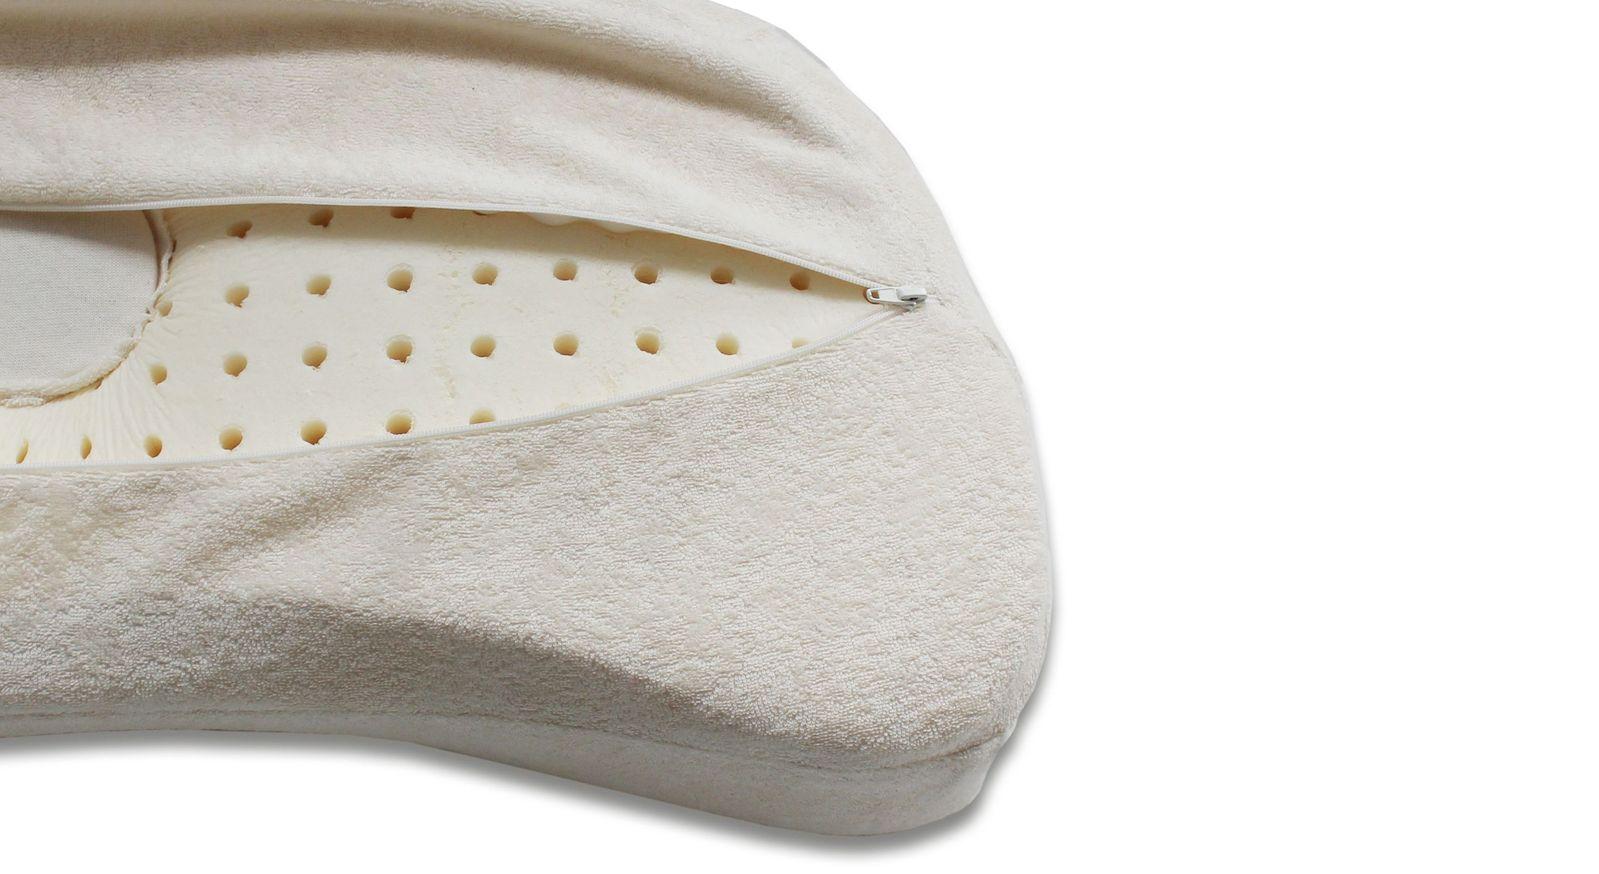 Kopfmulde-Nackenstützkissen variadorm mit waschbarem Bezug